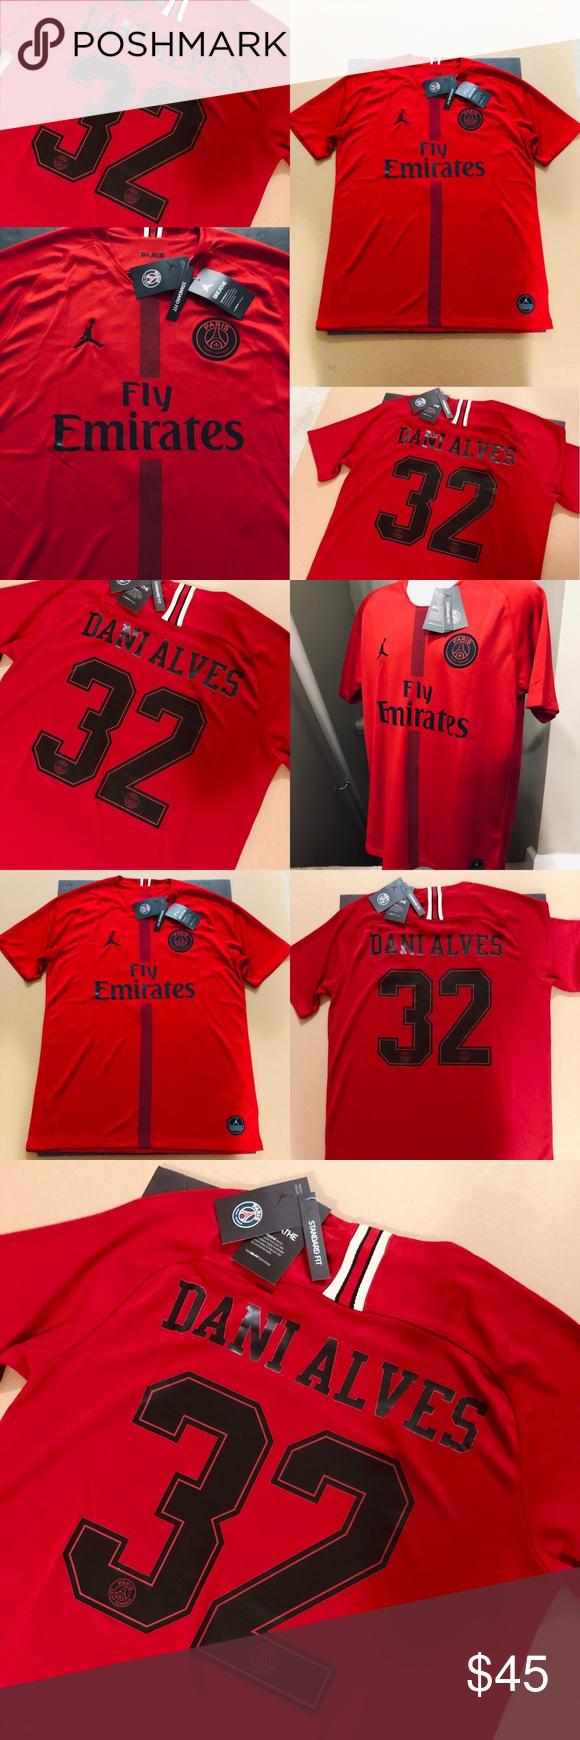 db951b2e4b8 Jordan Dani Alves #32 PSG Paris Soccer Jersey 2018 JORDAN Paris  Saint-Germain FC (PSG) • Futbol Soccer Jersey • Michael Jordan Brand Dani  Alves #32 ...